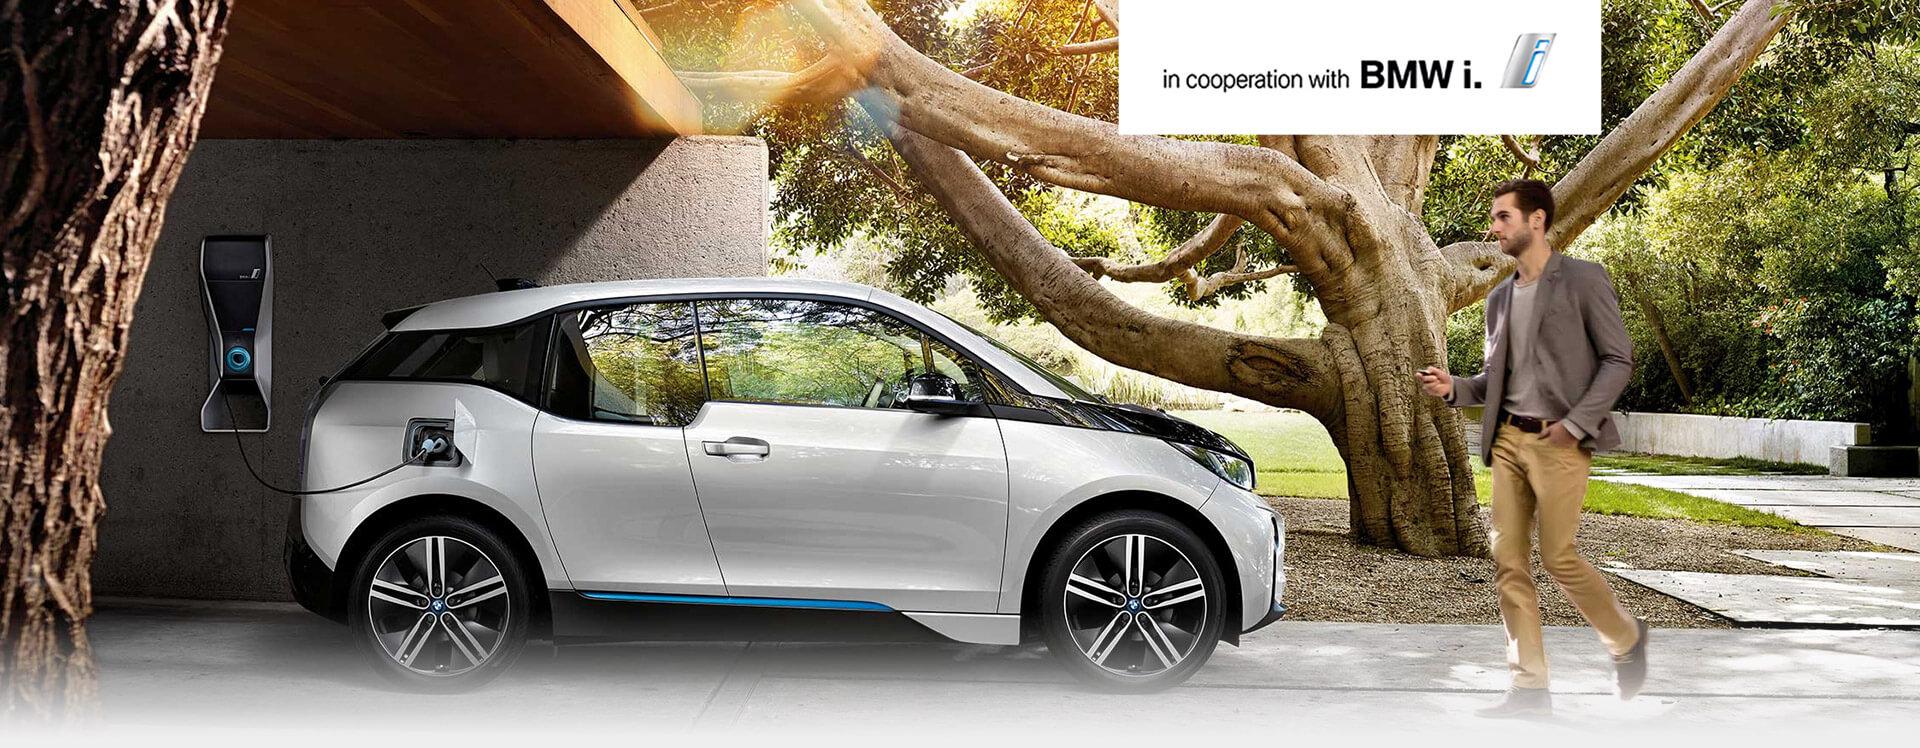 spolupráce s elektromobily bmw i